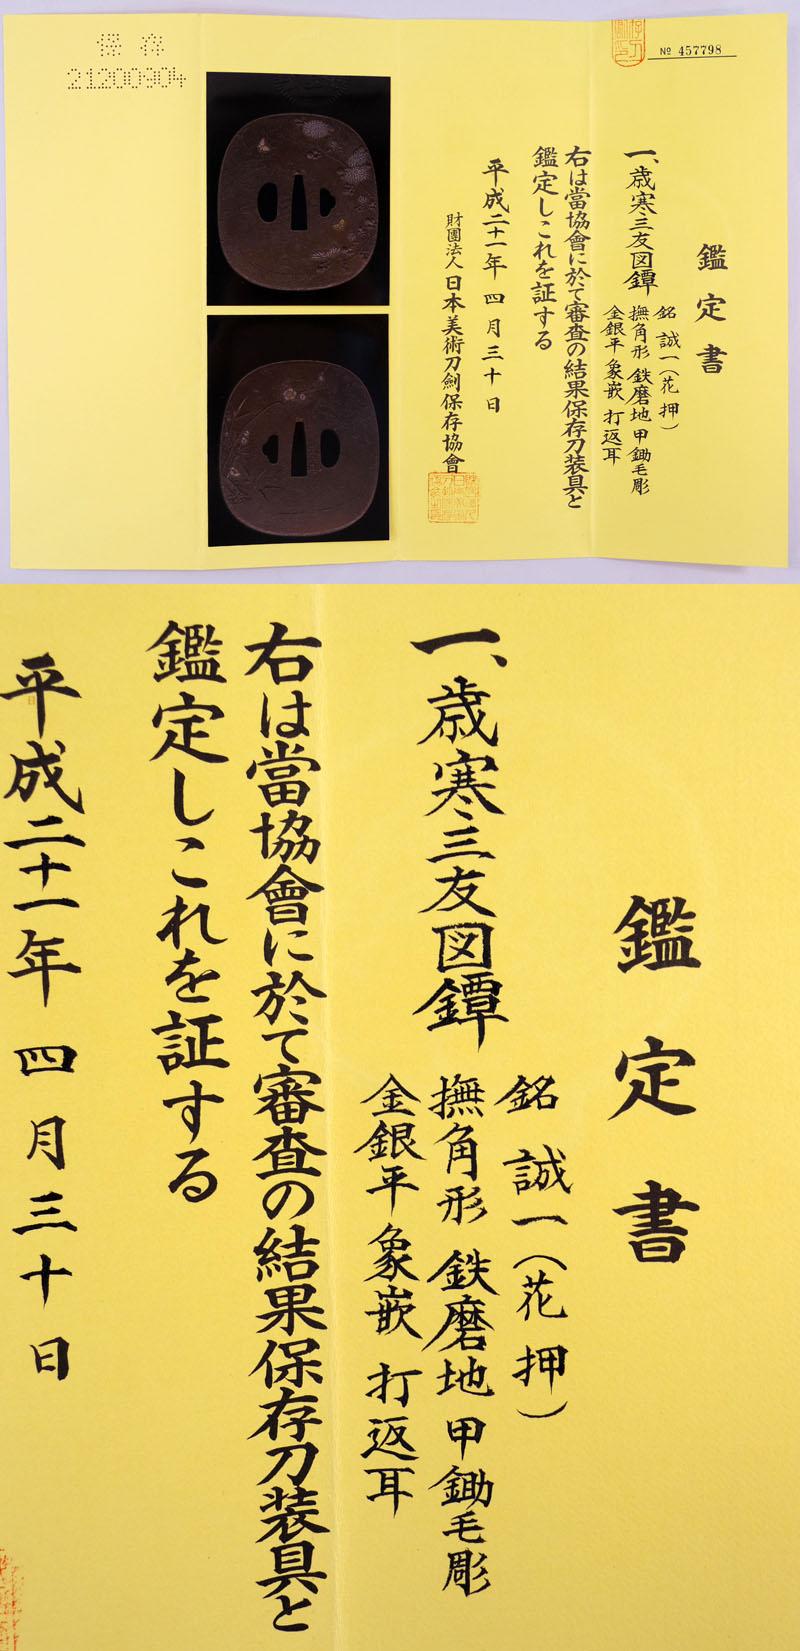 歳寒3友図鍔 誠1(花押) Picture of Certificate